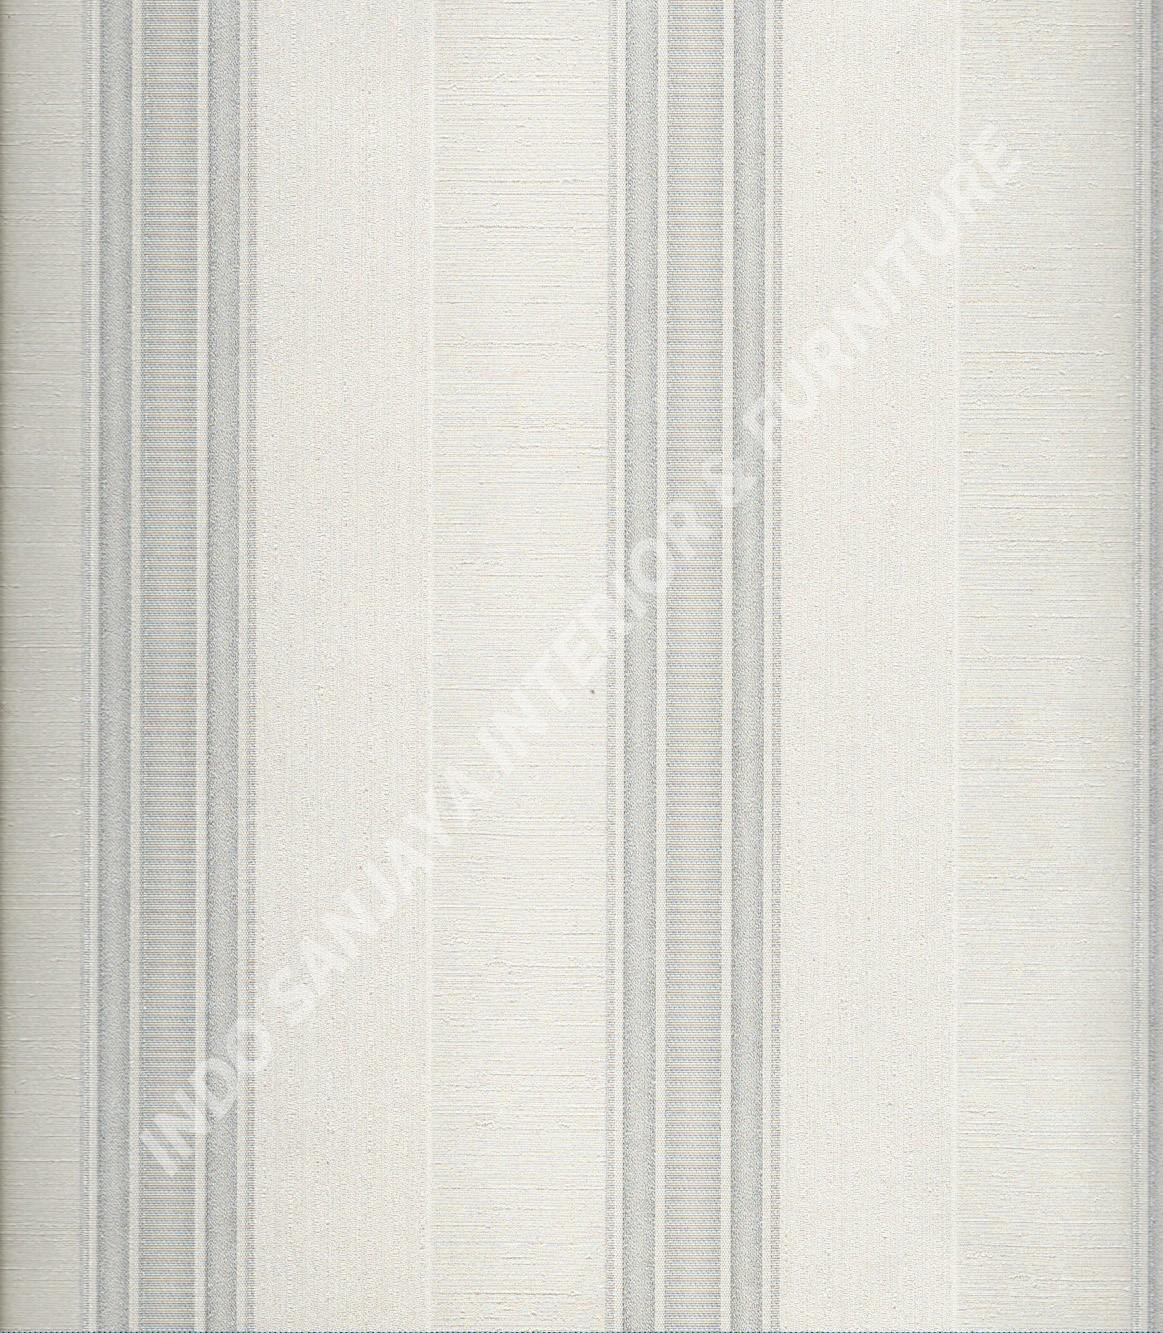 wallpaper   Wallpaper Garis 87073:87073 corak  warna